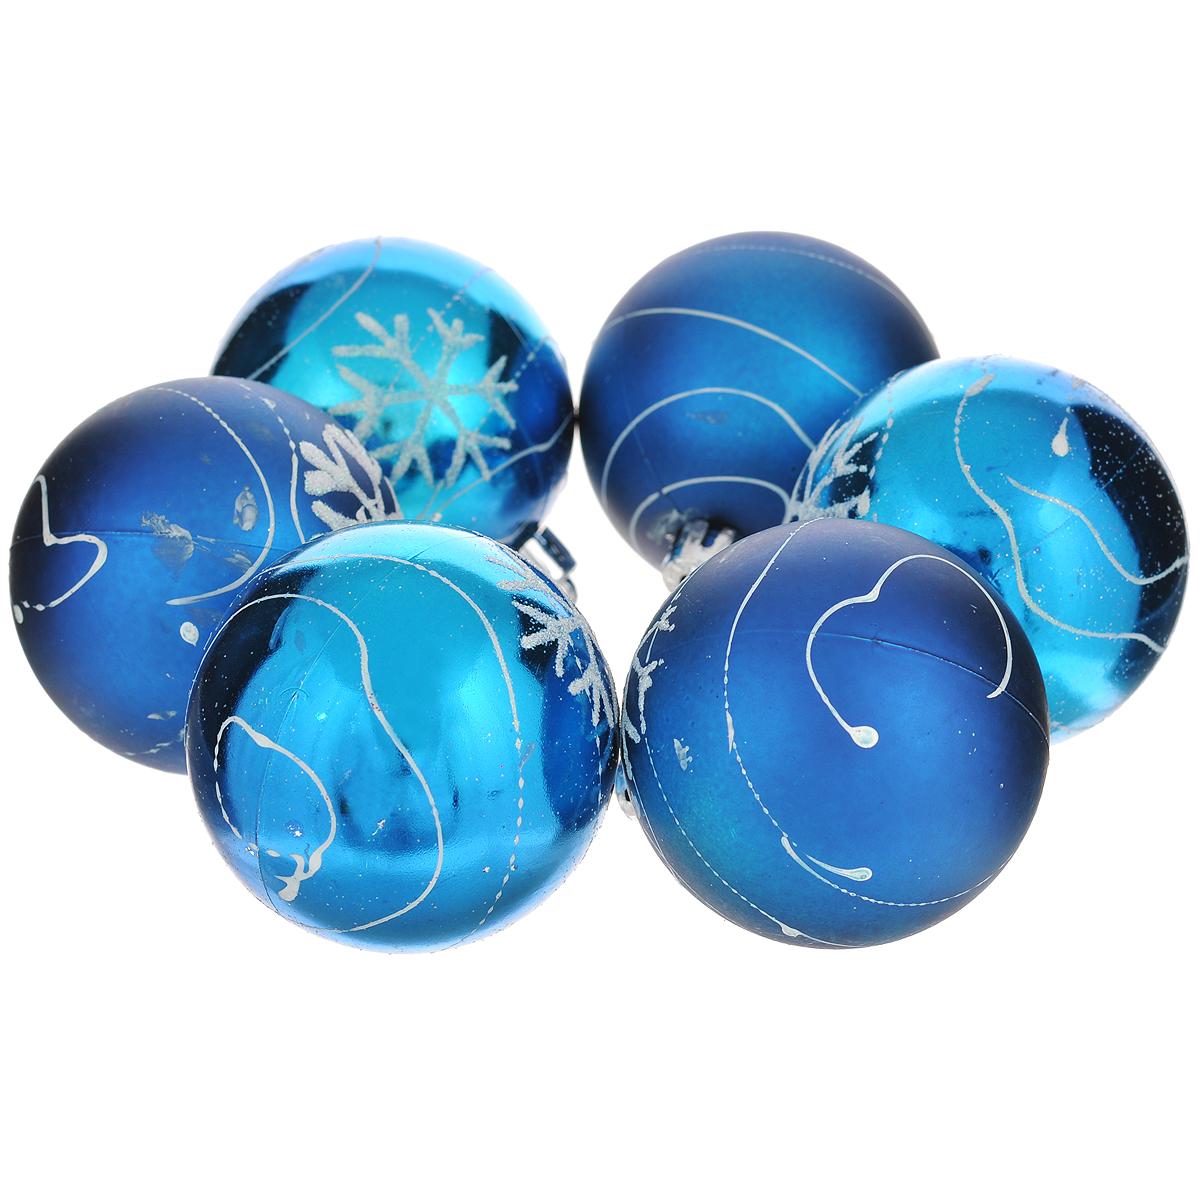 Набор новогодних подвесных украшений Шар, цвет: синий, диаметр 6 см, 6 шт. 3552834688Набор новогодних подвесных украшений Шар прекрасно подойдет для праздничного декора новогодней ели. Состоит из шести шаров.Елочная игрушка - символ Нового года. Она несет в себе волшебство и красоту праздника. Создайте в своем доме атмосферу веселья и радости, украшая новогоднюю елку нарядными игрушками, которые будут из года в год накапливать теплоту воспоминаний. Коллекция декоративных украшений принесет в ваш дом ни с чем несравнимое ощущение волшебства! Откройте для себя удивительный мир сказок и грез. Почувствуйте волшебные минуты ожидания праздника, создайте новогоднее настроение вашим дорогим и близким.